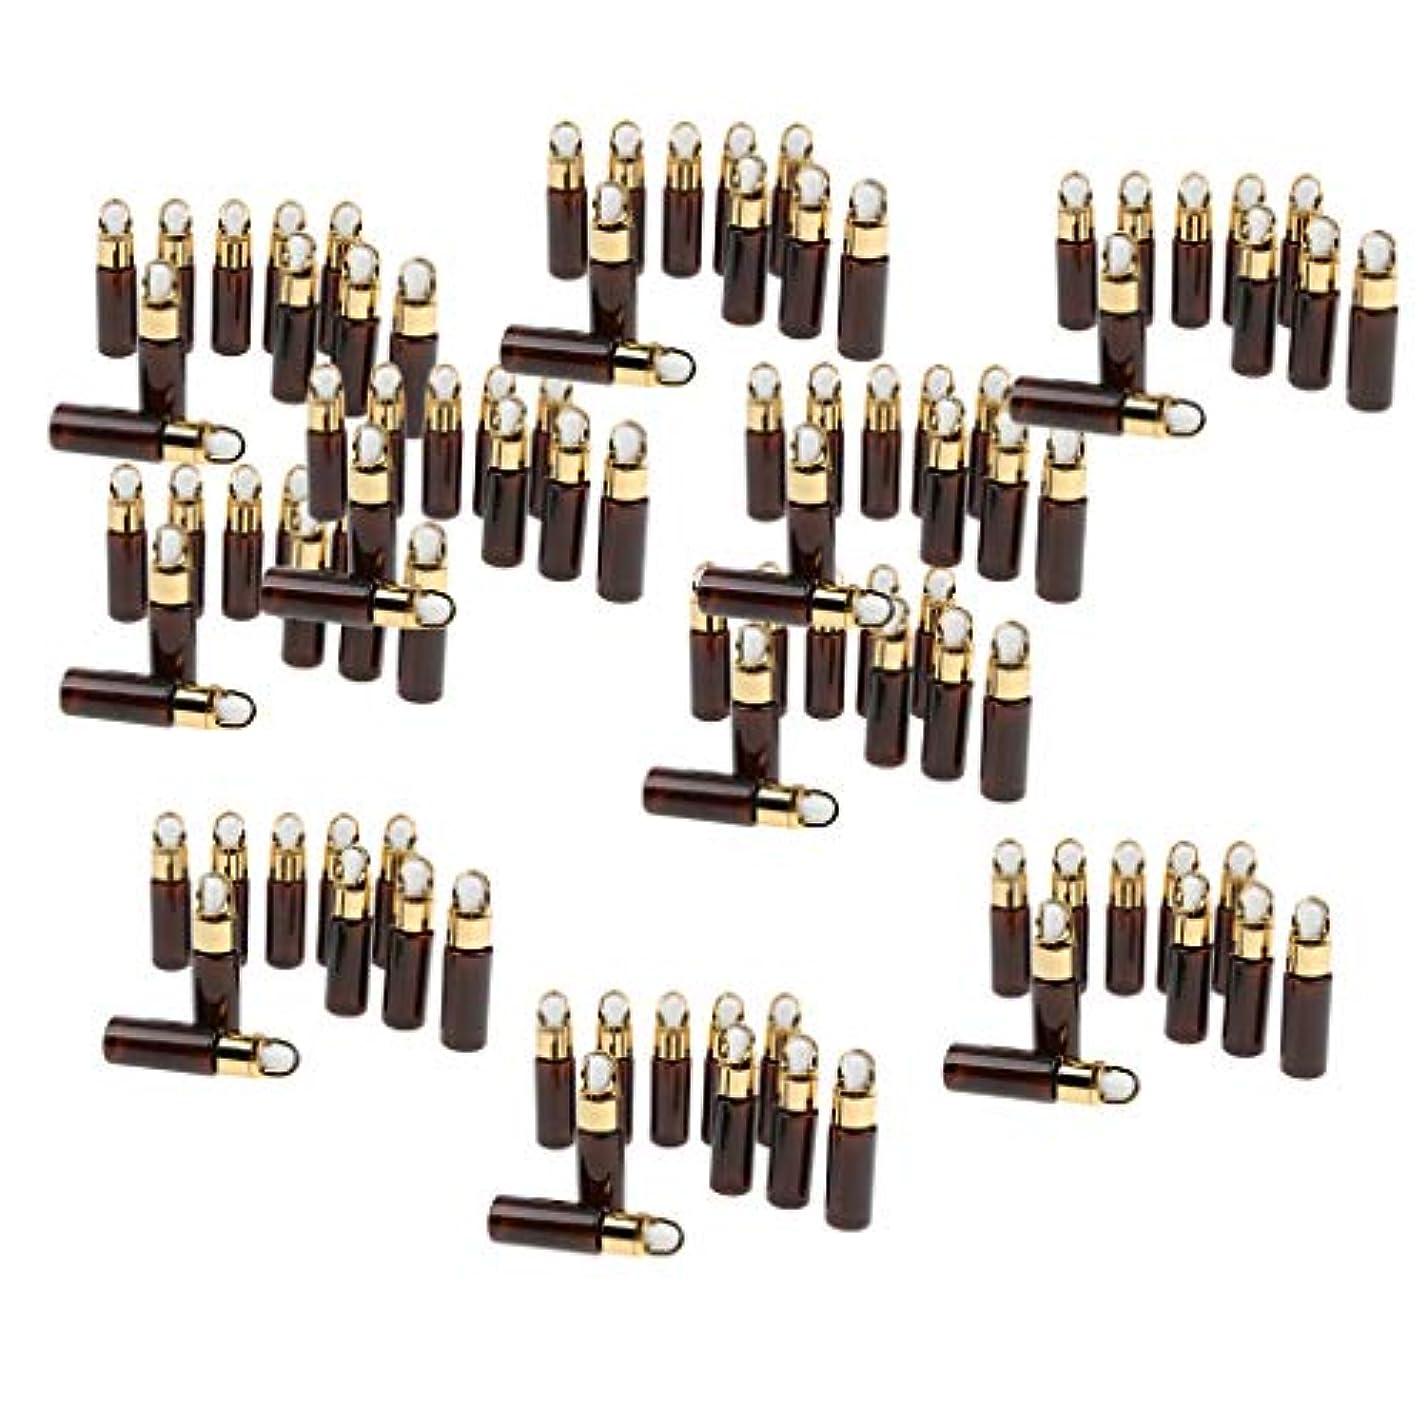 チェスをするキャプチャー底P Prettyia ドロッパーボトル アロマセラピー エッセンシャルオイル 20ml アンバー 約100ピースセット